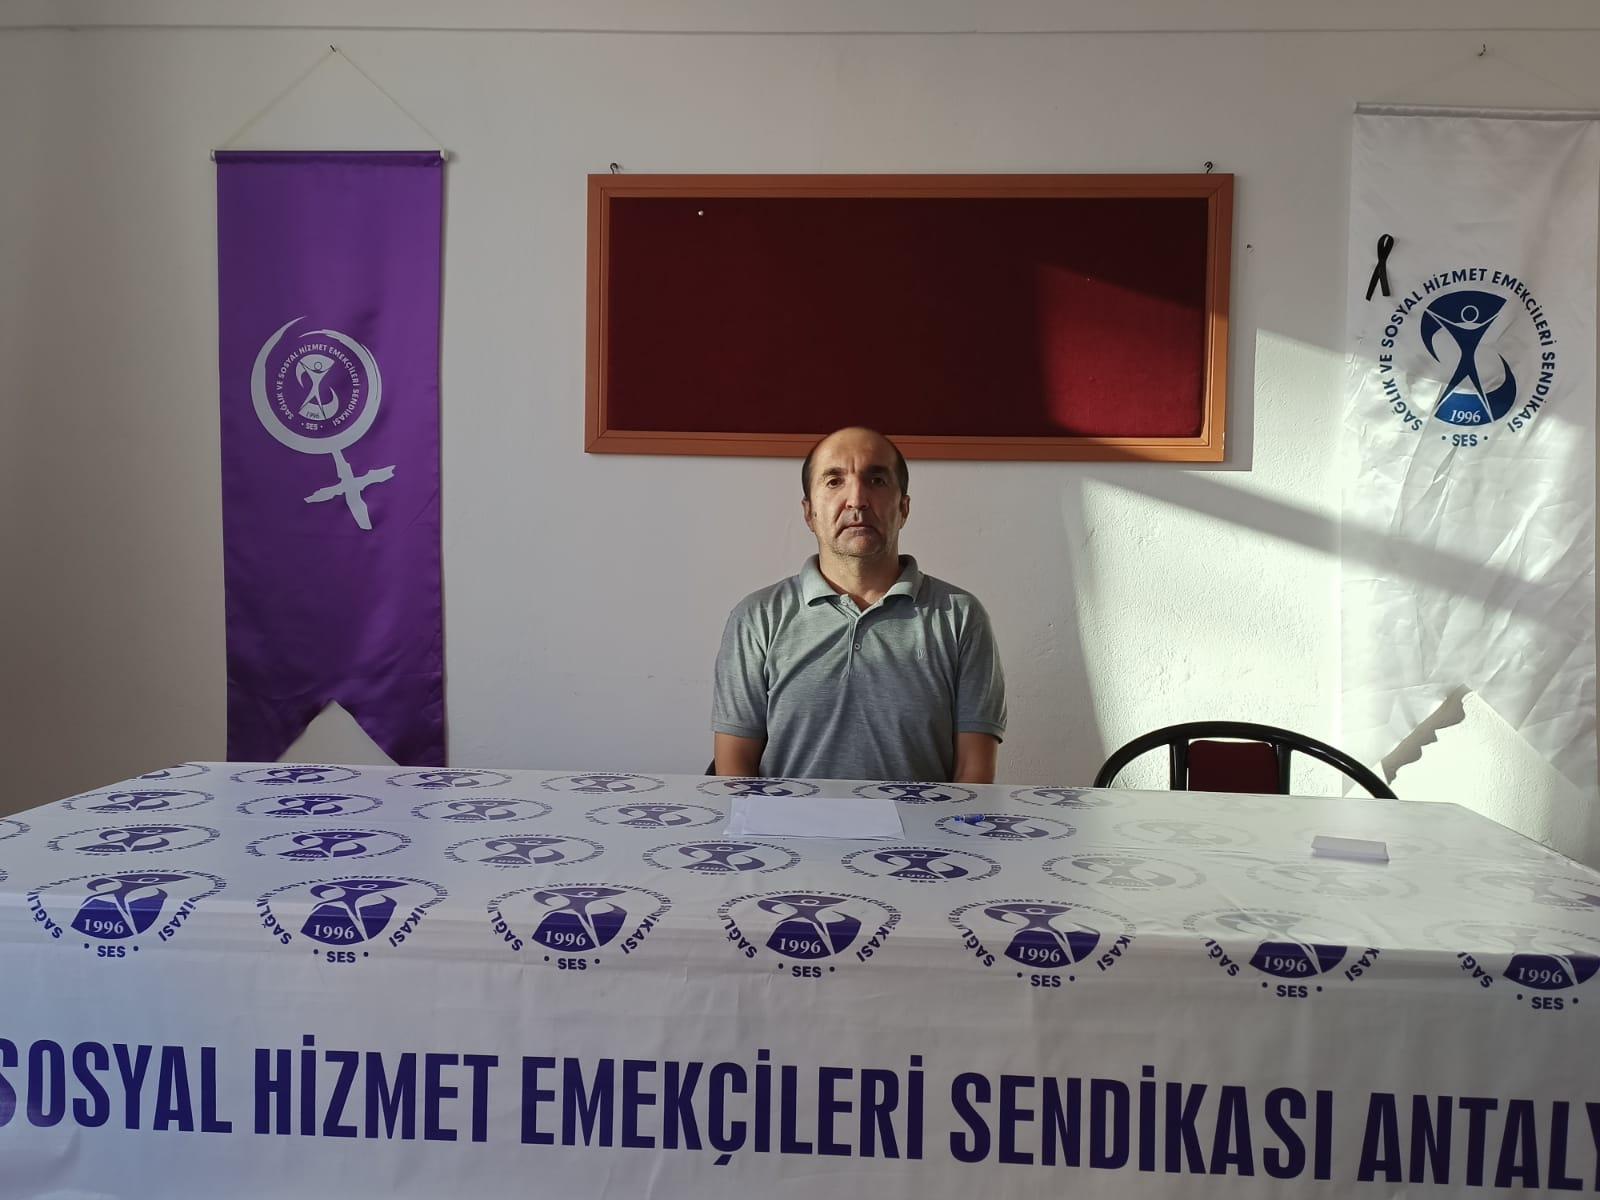 Antalya Şubemiz: Toplumu ve Sağlığı Önceleyen Bütçe İstiyoruz